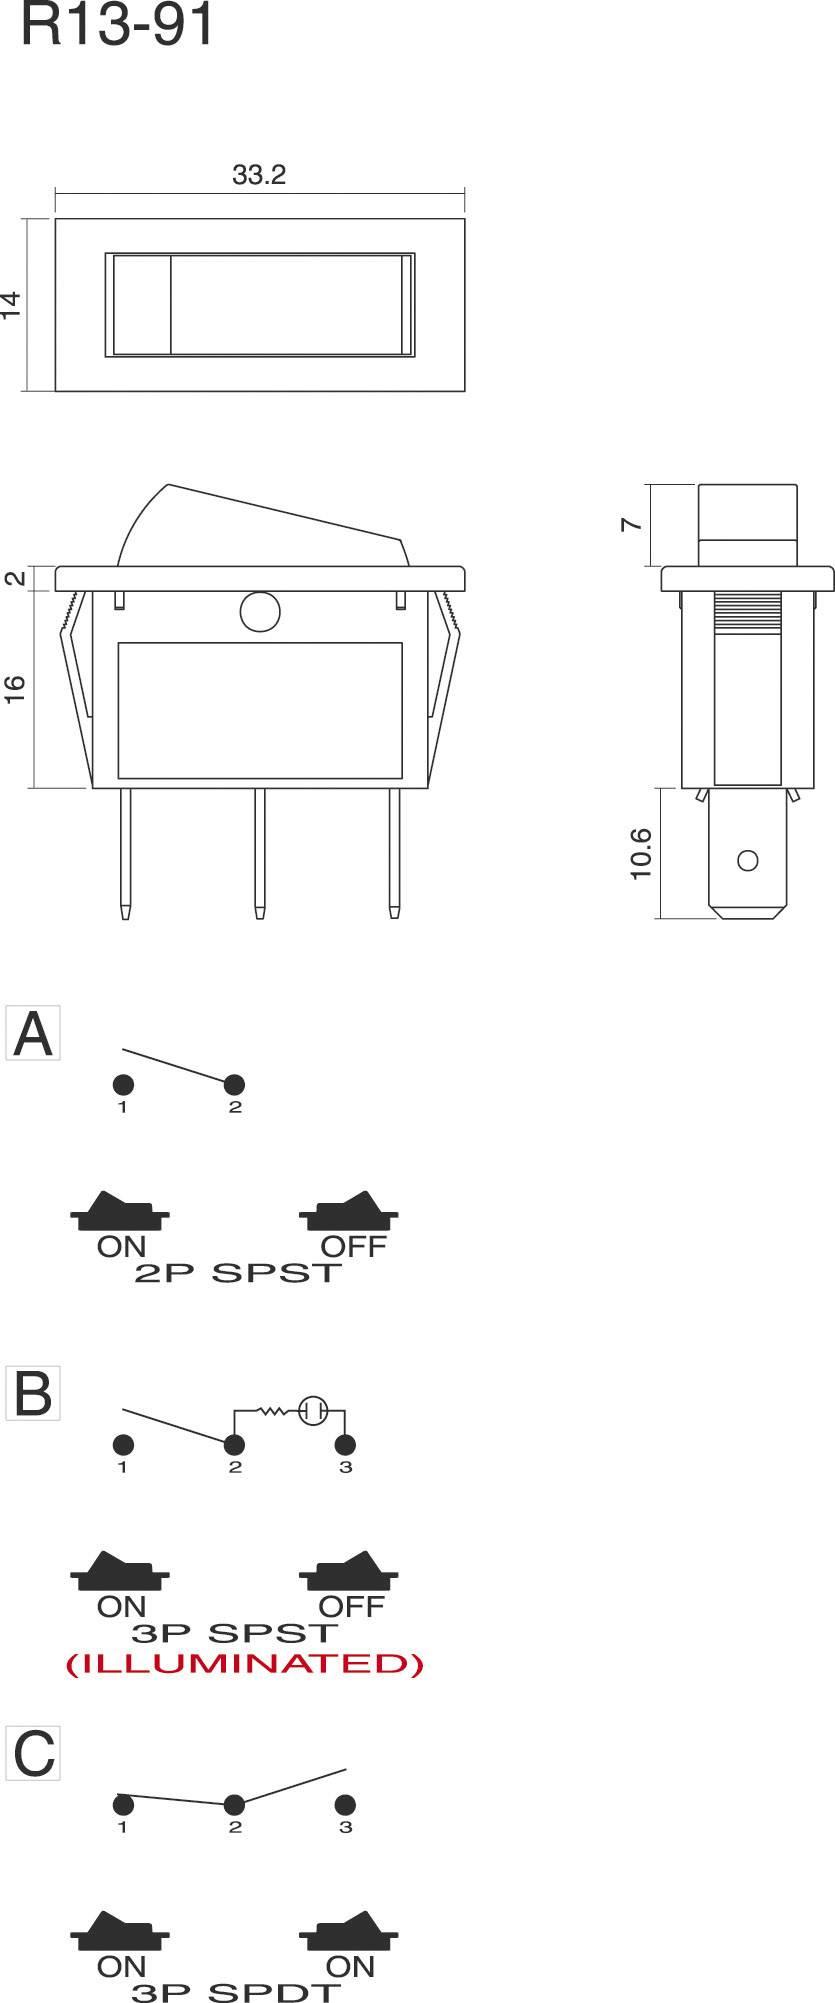 Kolískový spínač SCI R13-91B-01 s aretáciou 250 V/AC, 10 A, 1x vyp/zap, čierna, zelená, 1 ks